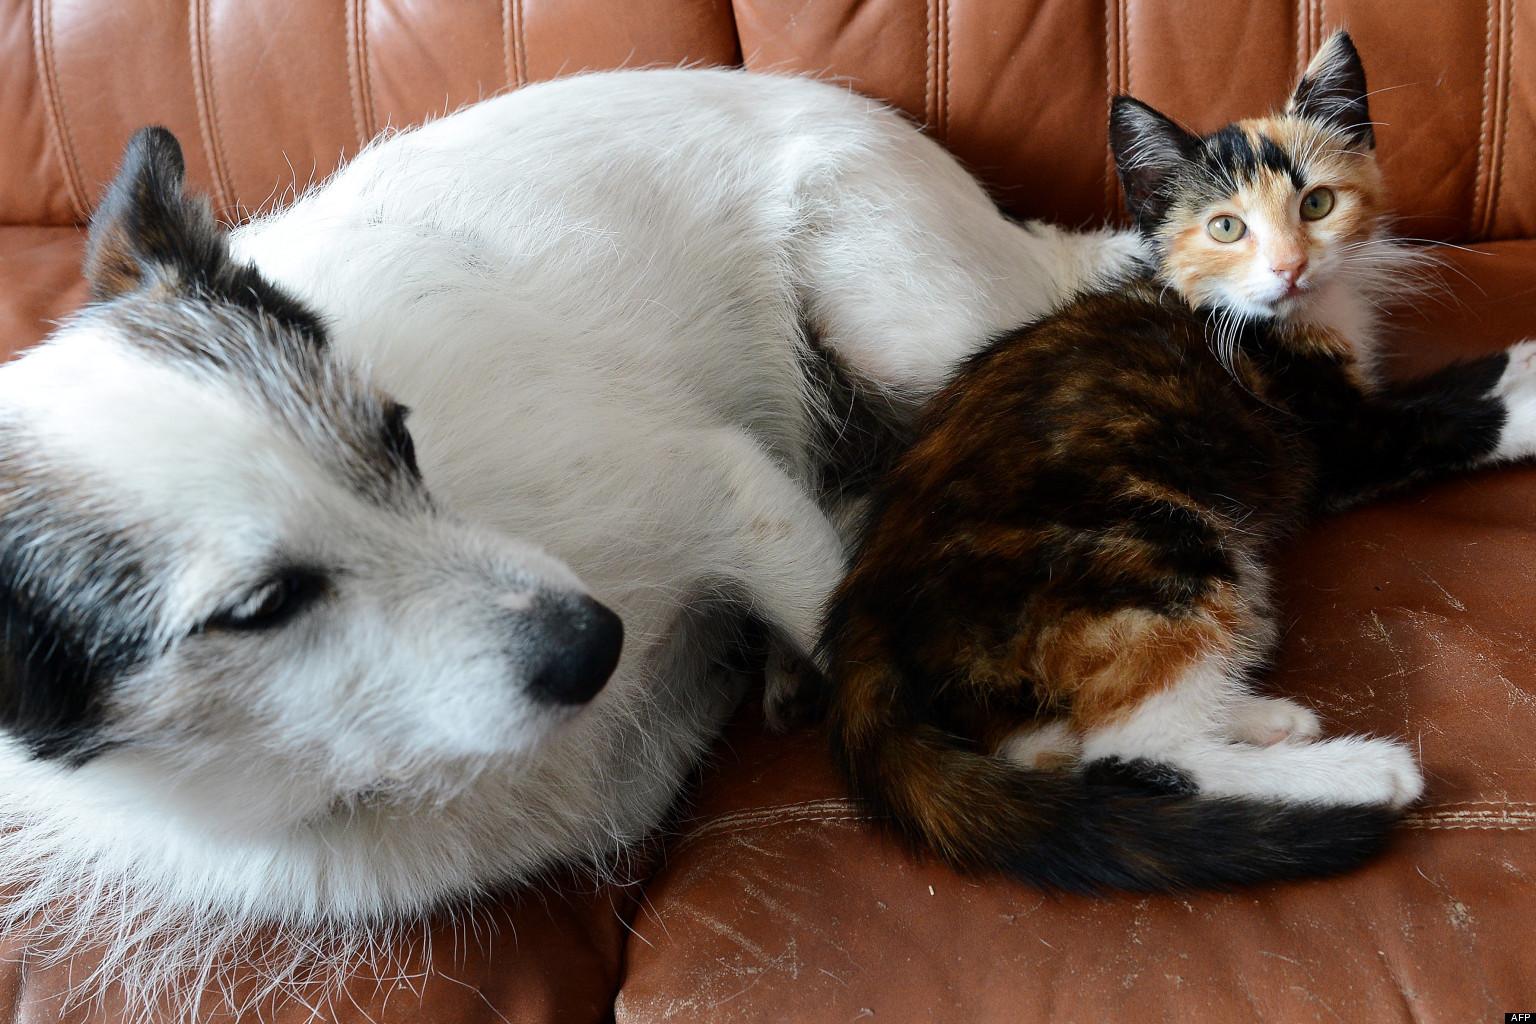 esp rance de vie des chiens et des chats nos animaux de compagnie vivent plus vieux selon une. Black Bedroom Furniture Sets. Home Design Ideas